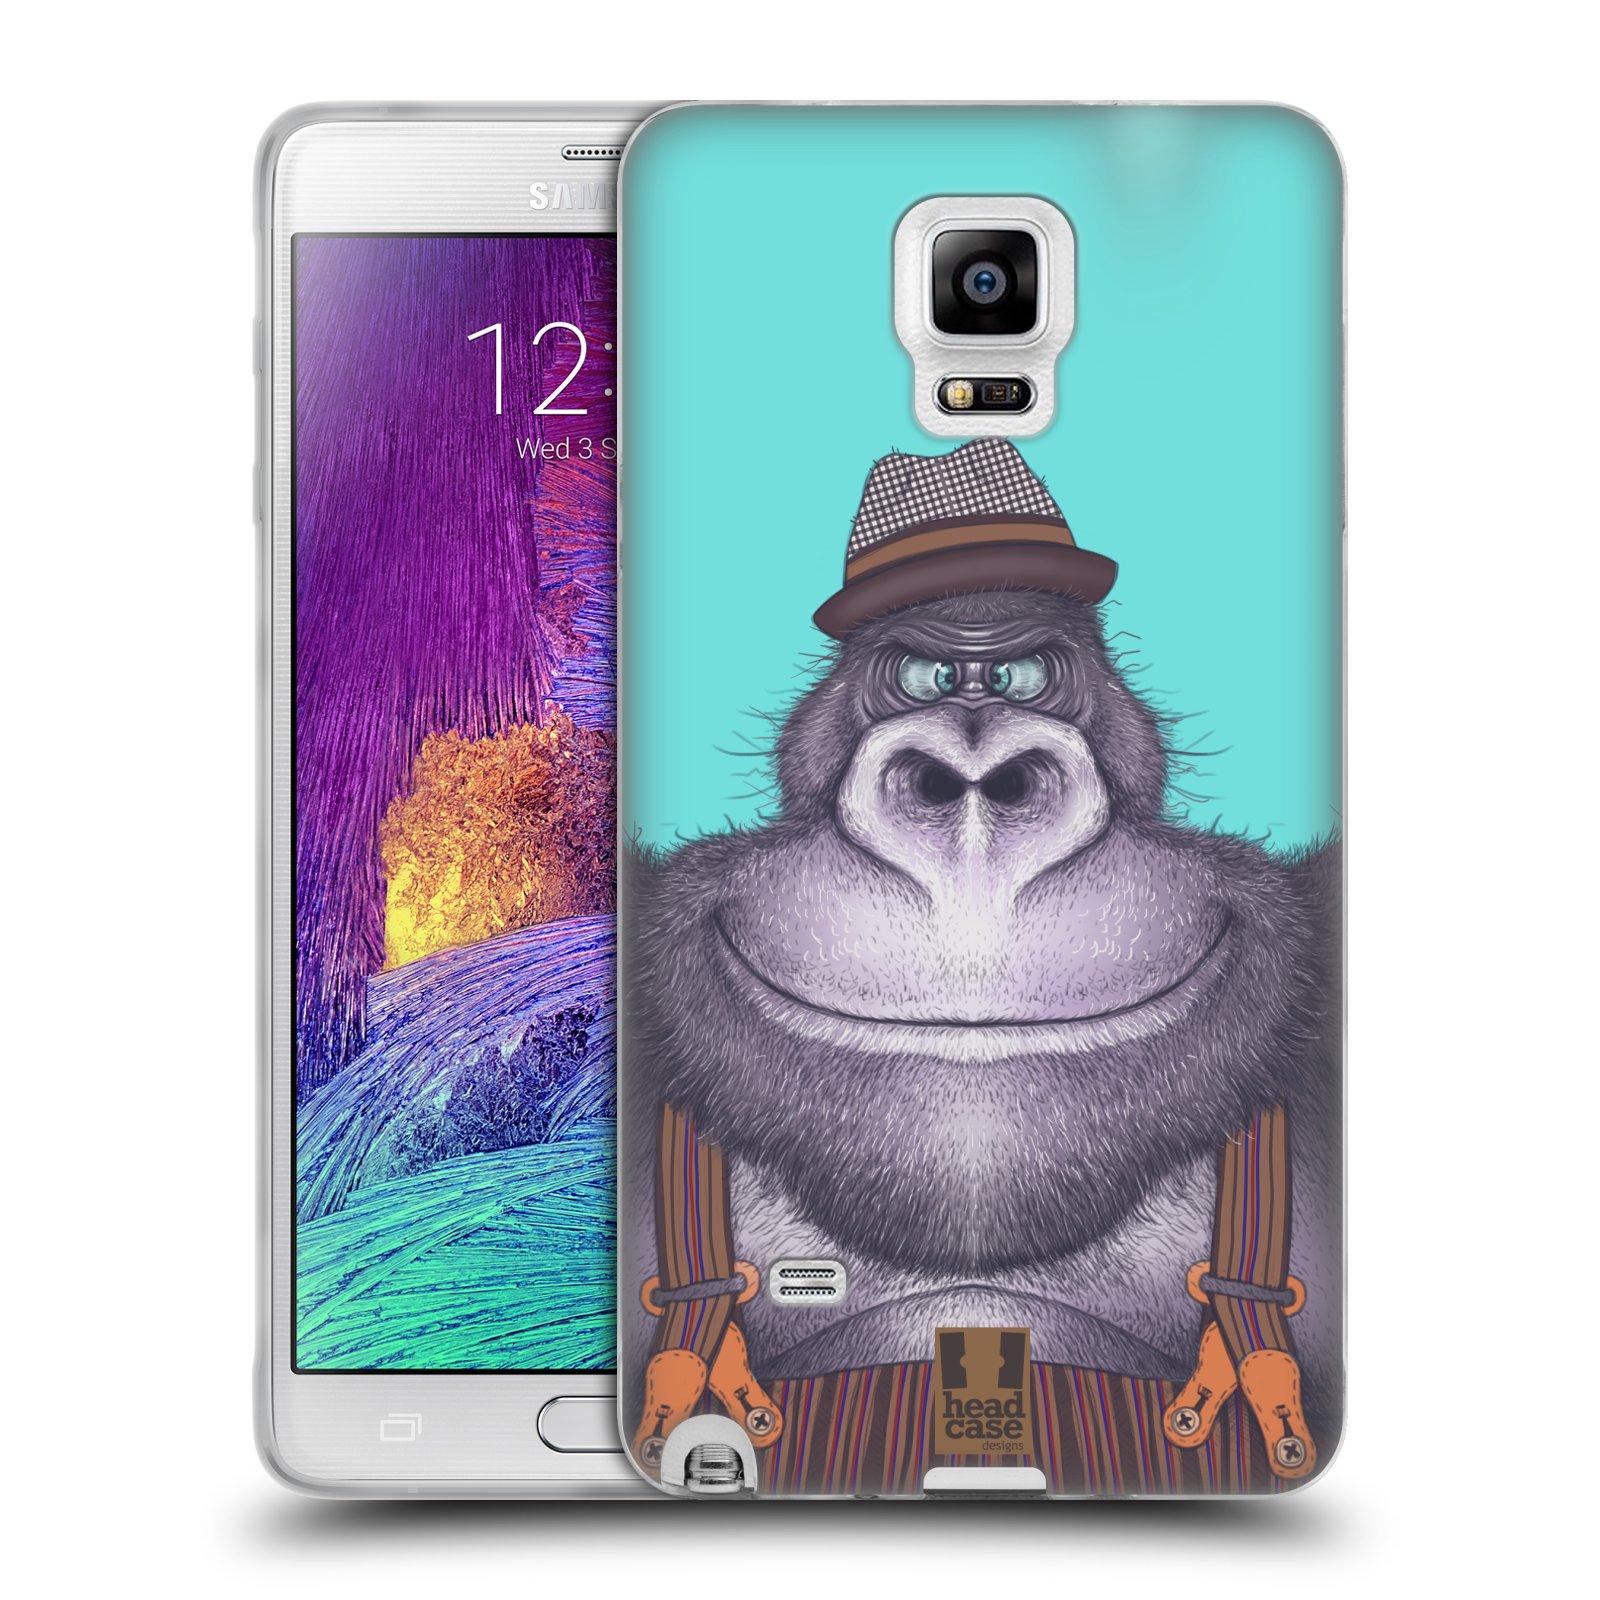 HEAD CASE silikonový obal na mobil Samsung Galaxy Note 4 (N910) vzor Kreslená zvířátka gorila